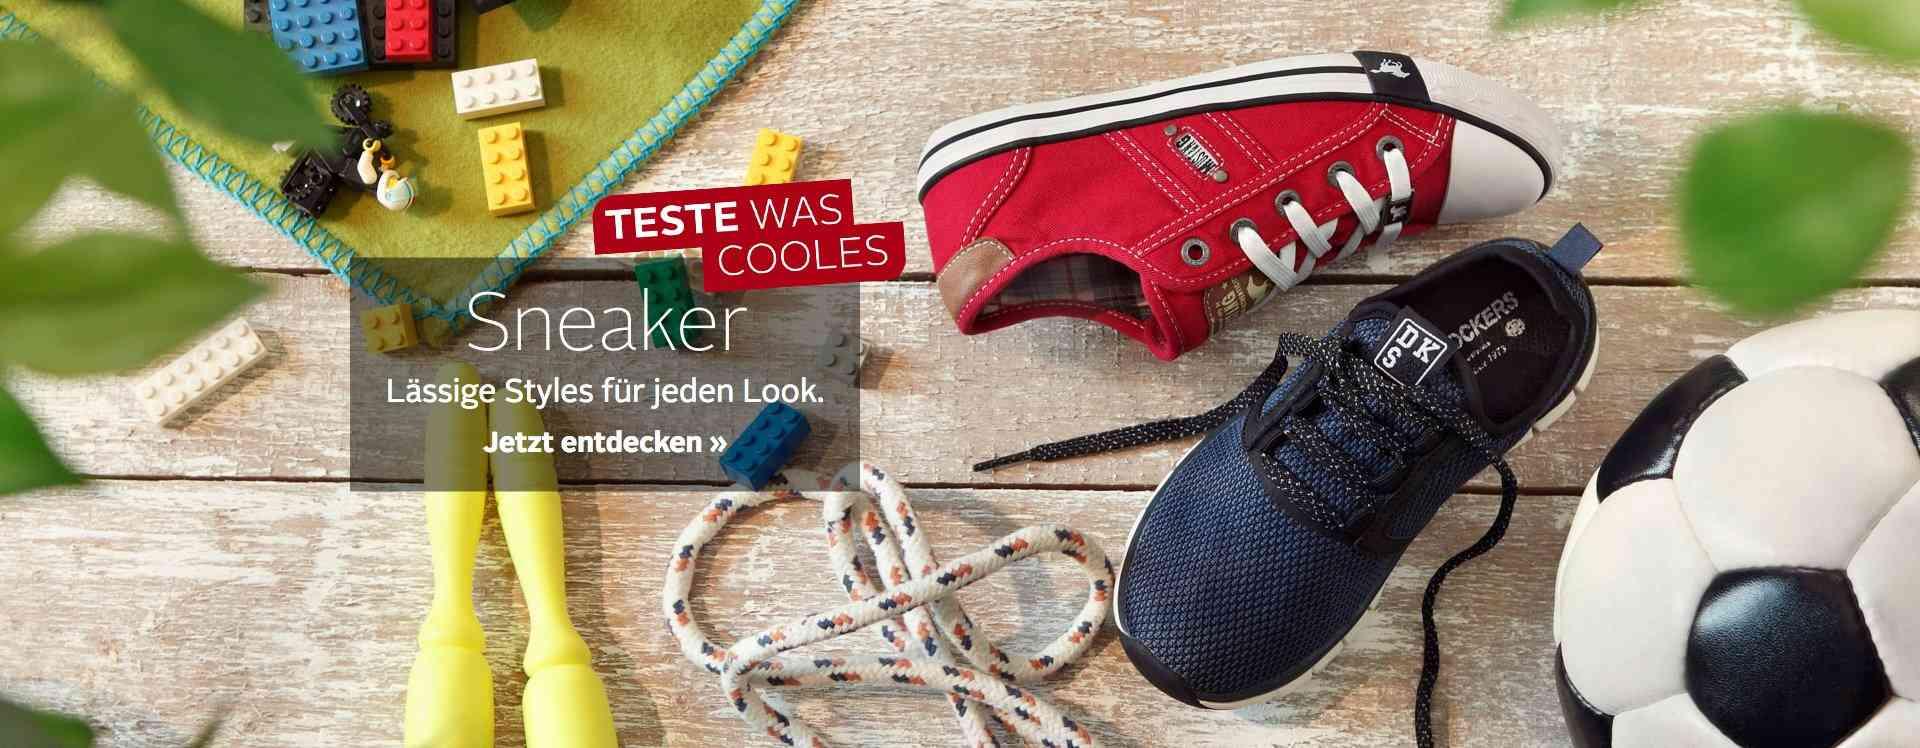 In diesen bequemen Sneaker für Jungs fühlen sich die kleinen Entdecker pudelwohl!